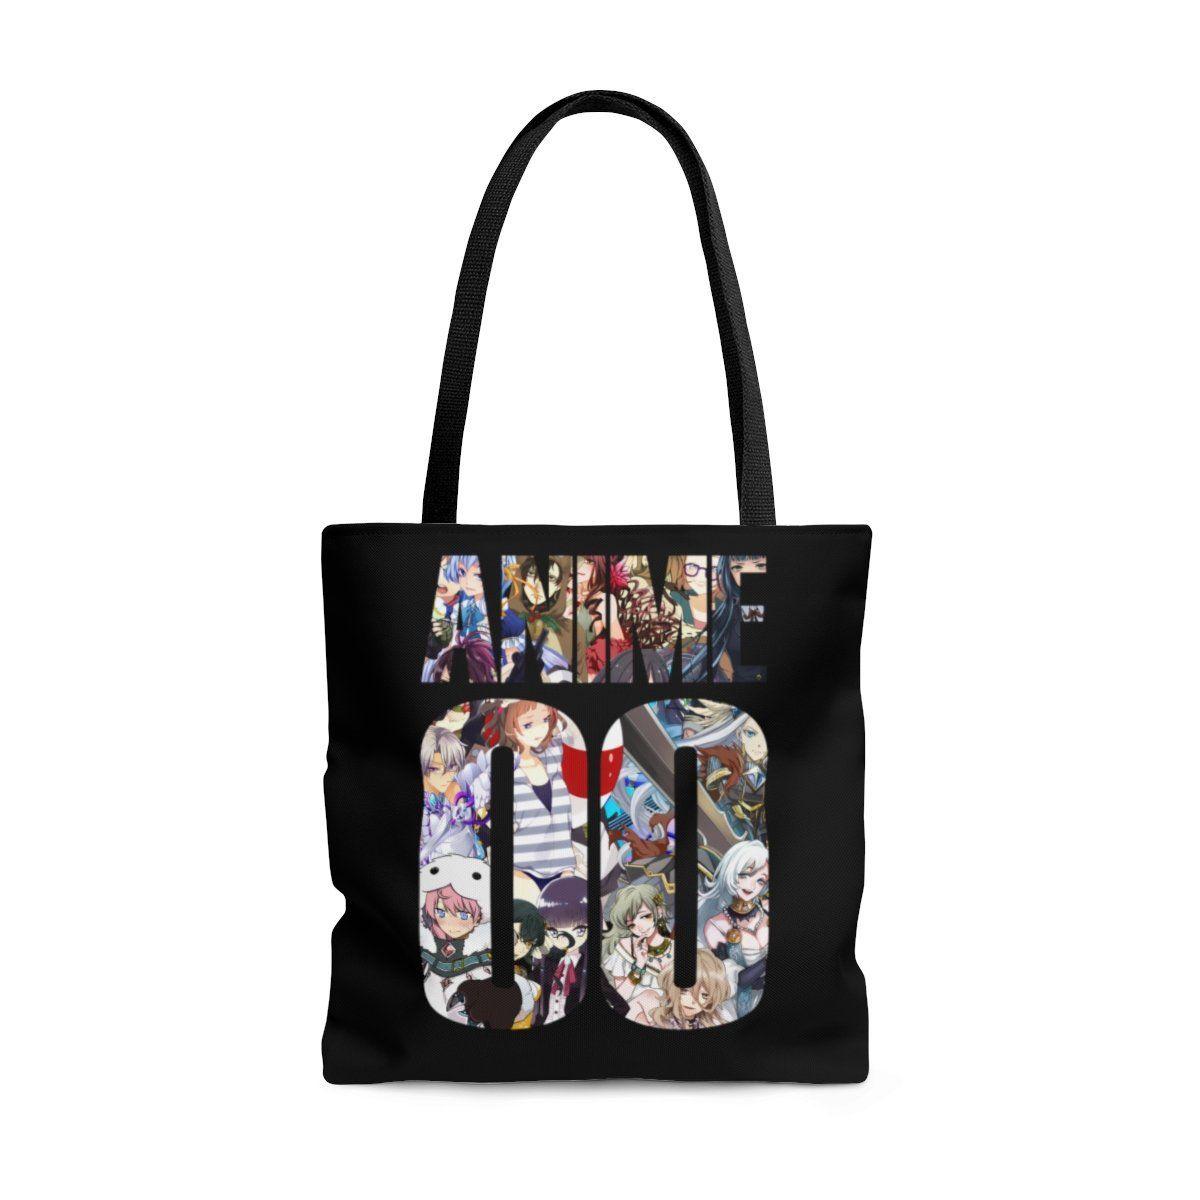 Anime 00 tote bag harajuku style anime tote bag bags